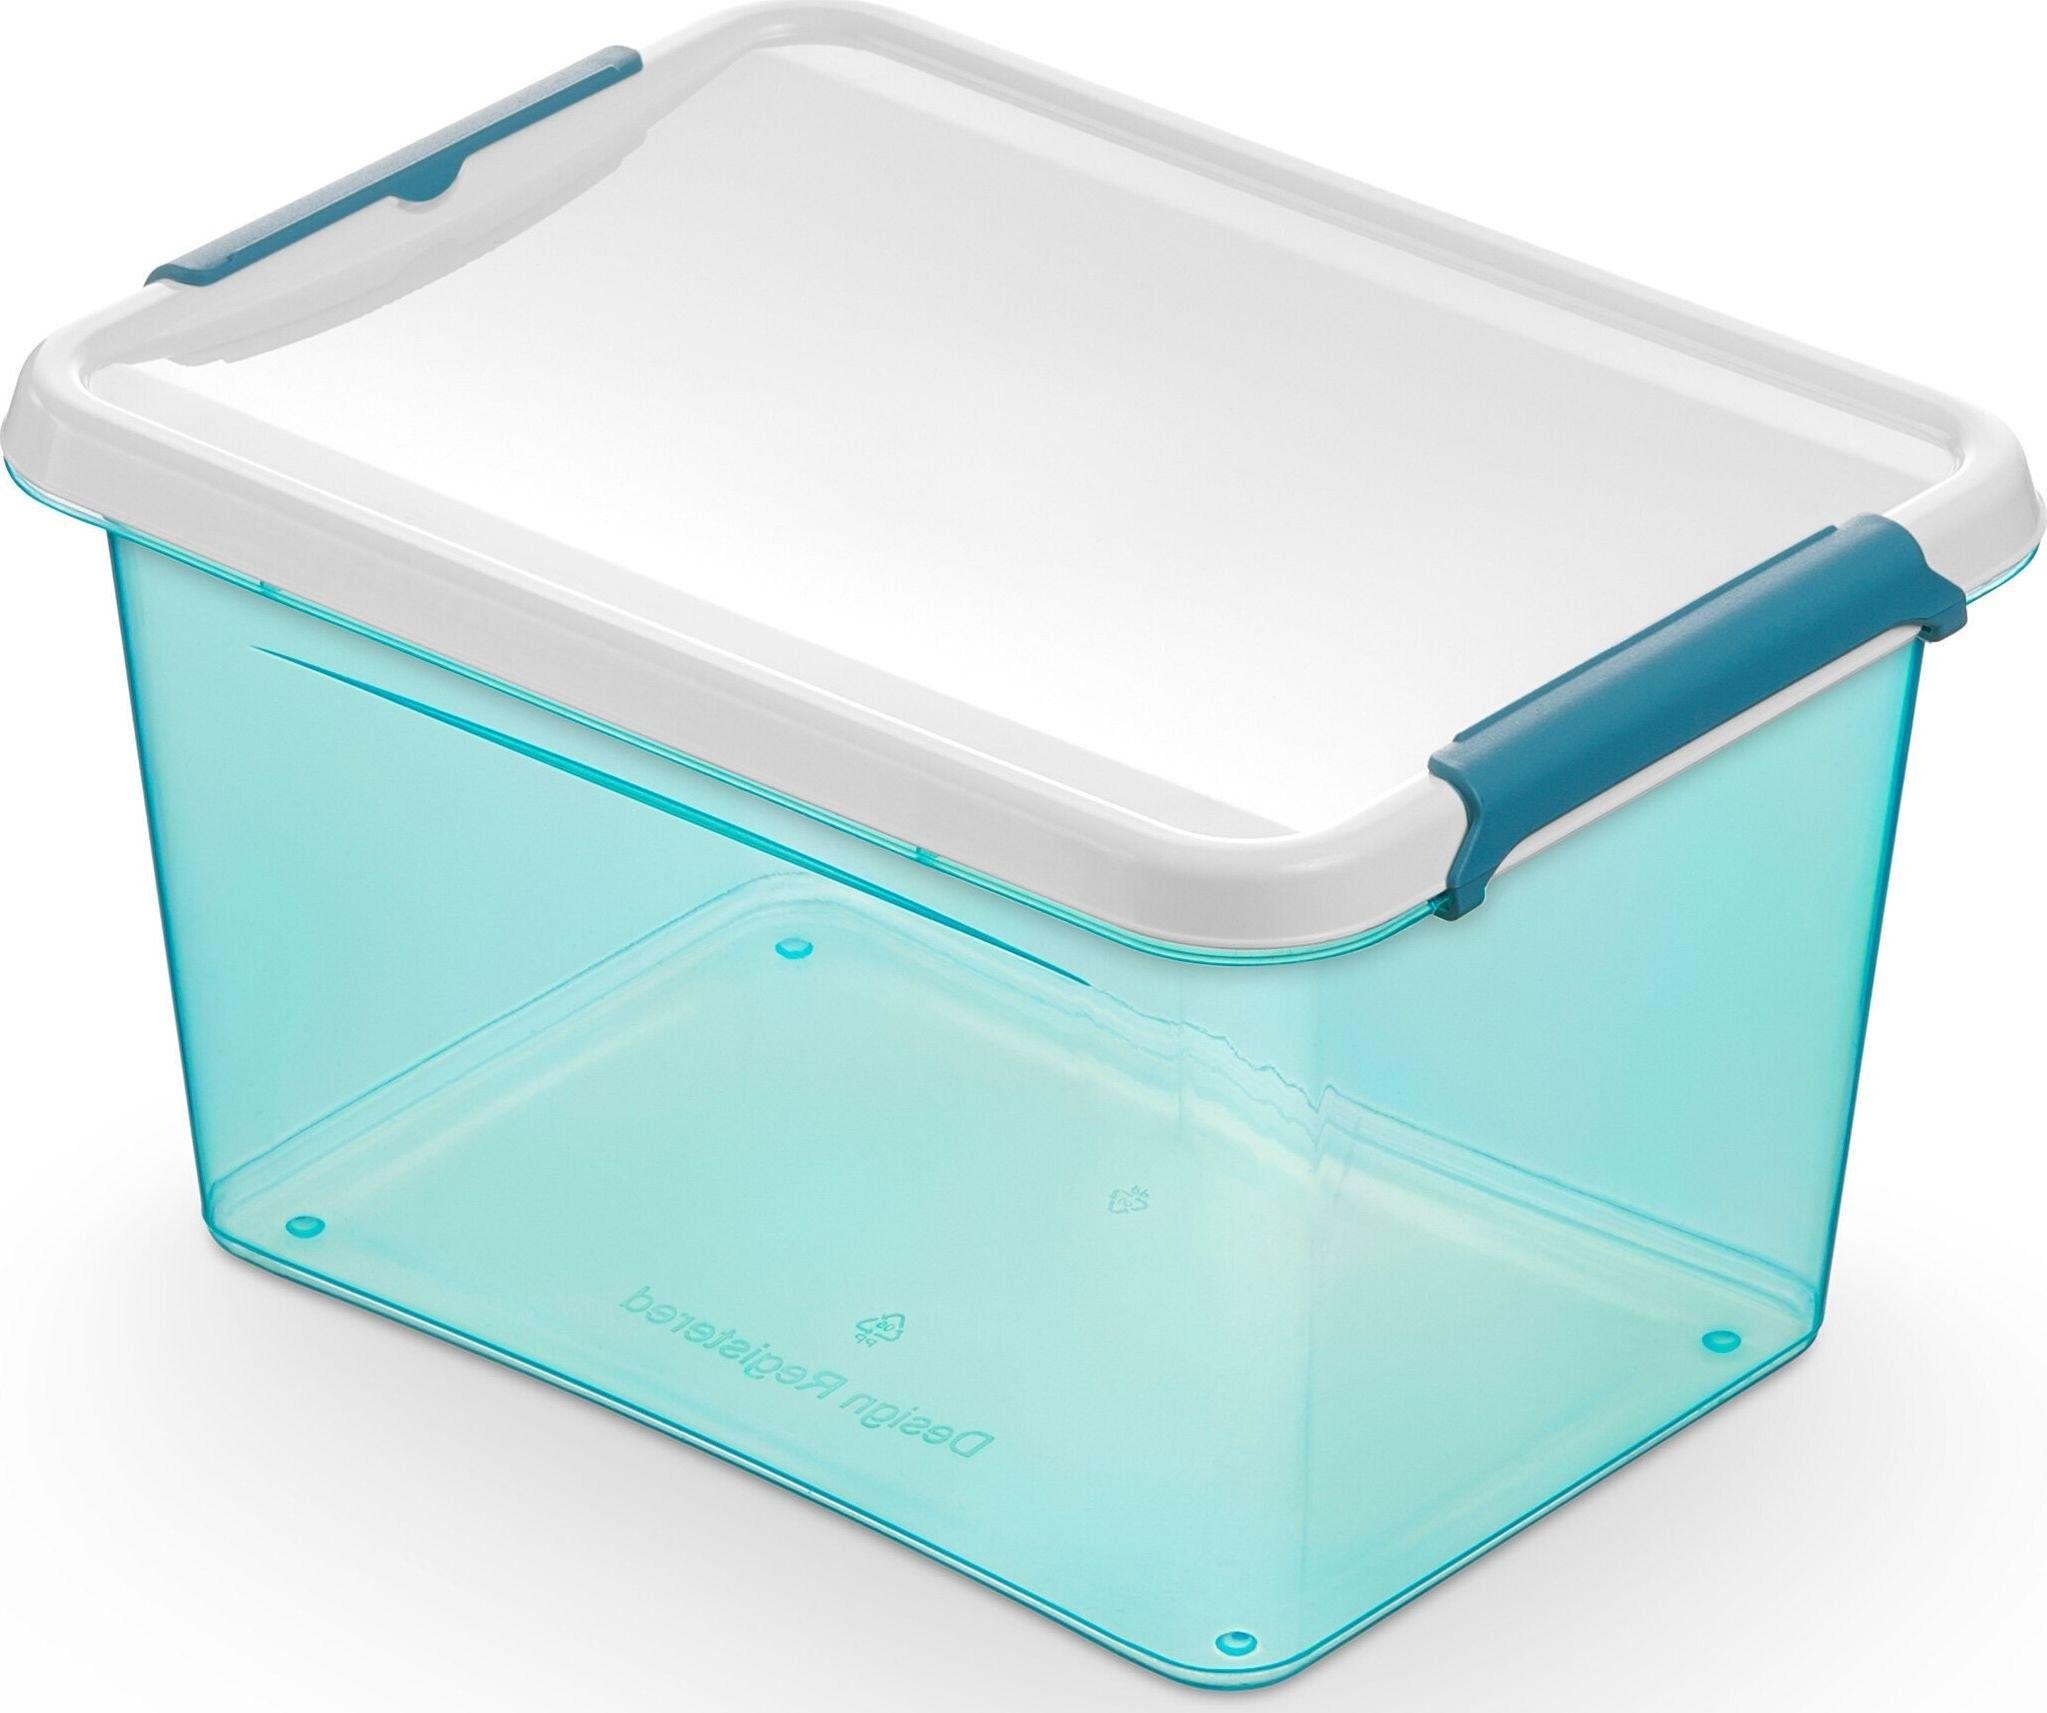 Pojemnik Pudełko na Żywność Orplast Arctic Line 2 l Prostokątny